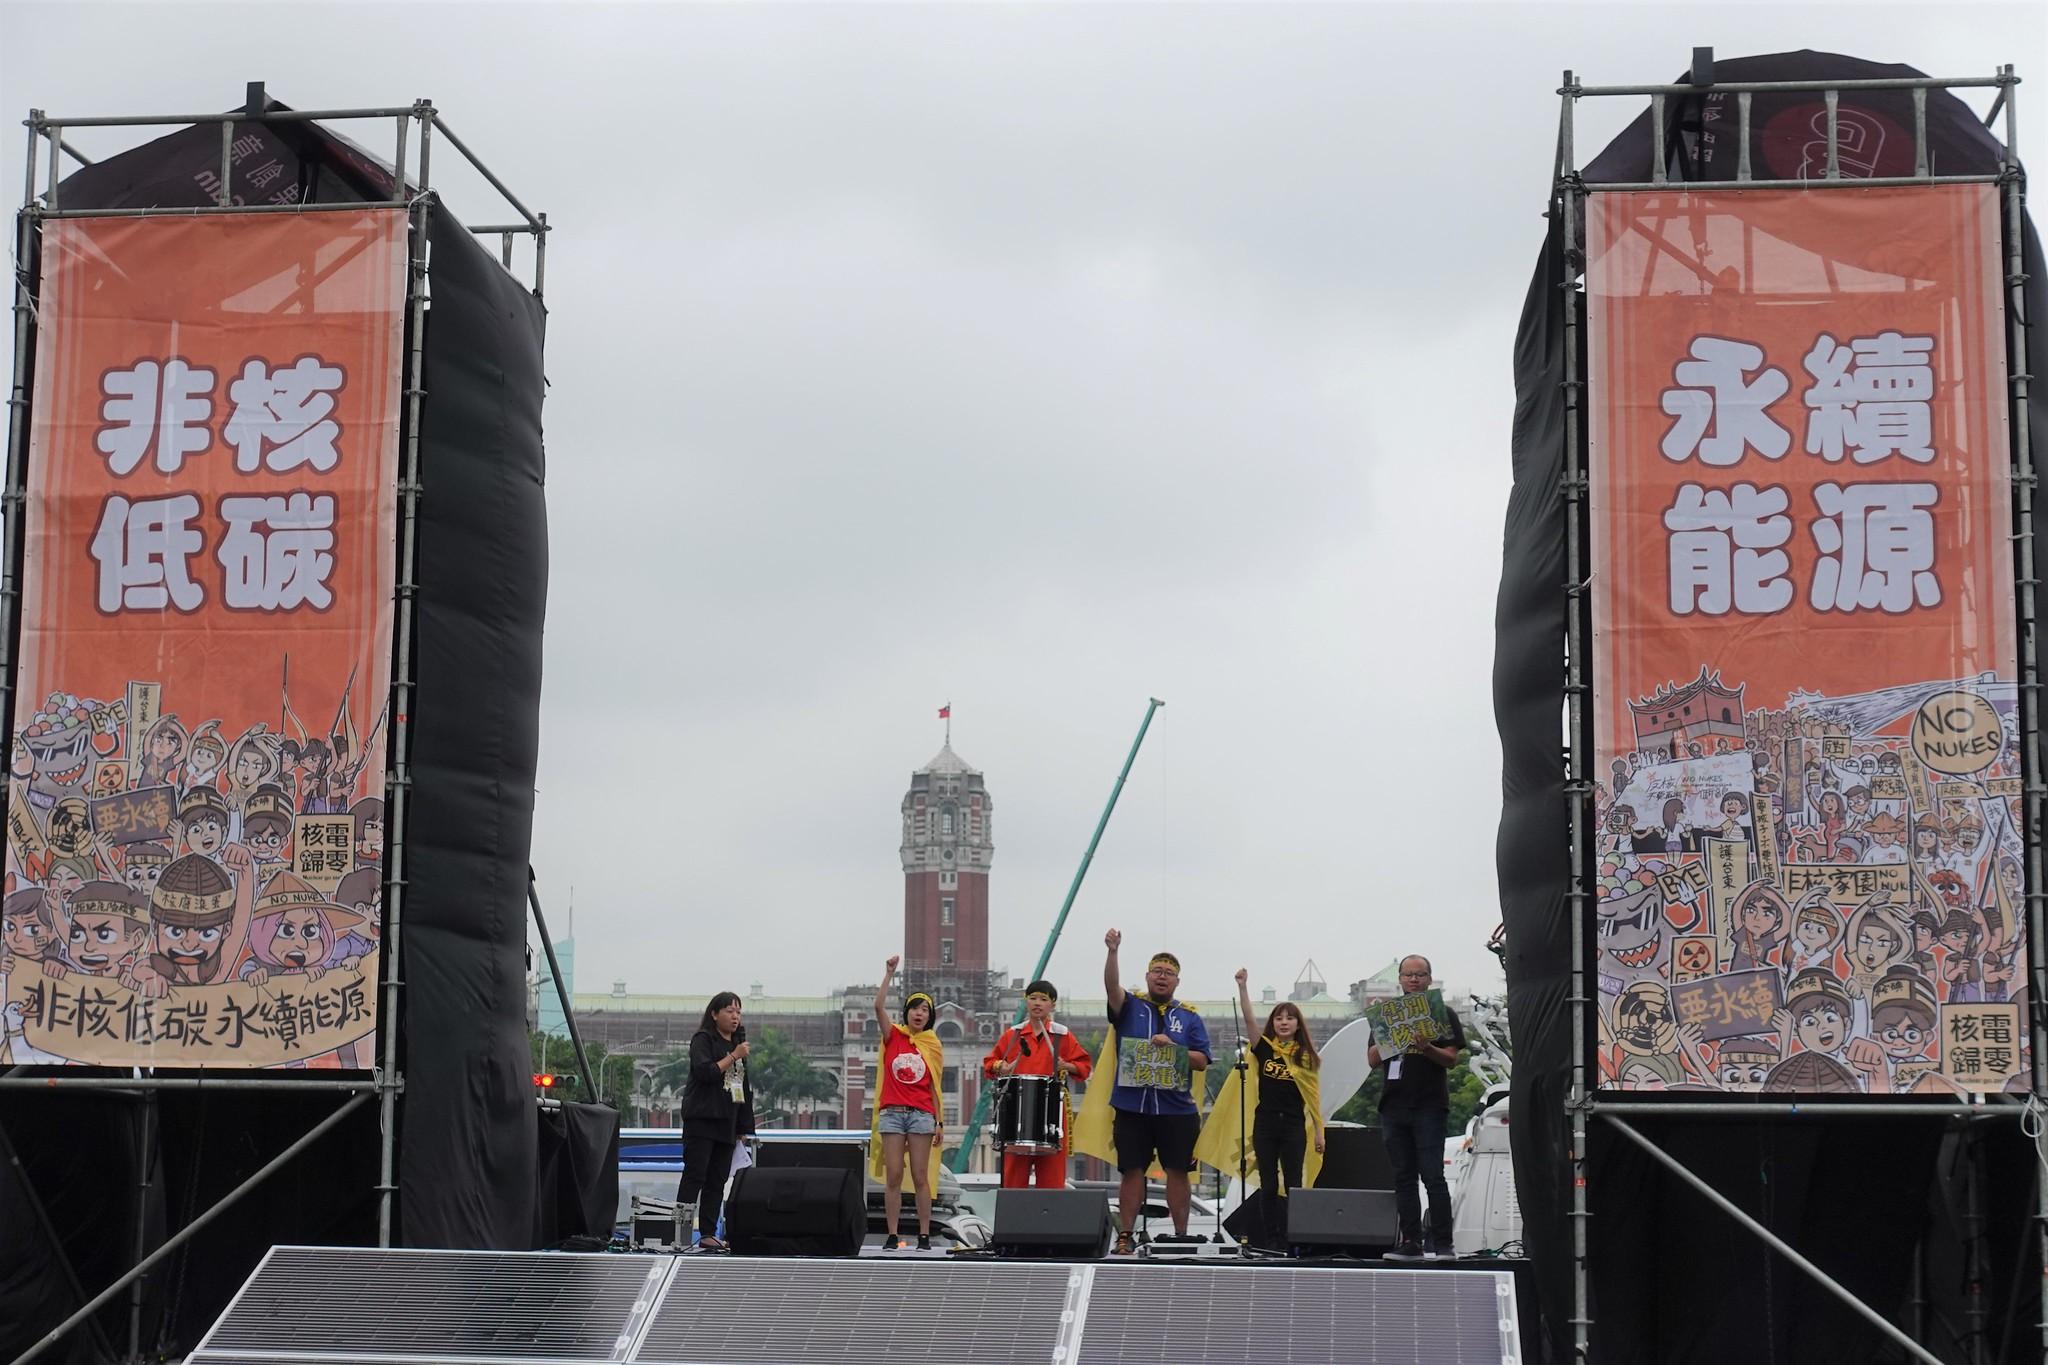 今年廢核遊行的凱道舞台採用太陽能發電。(攝影:張智琦)